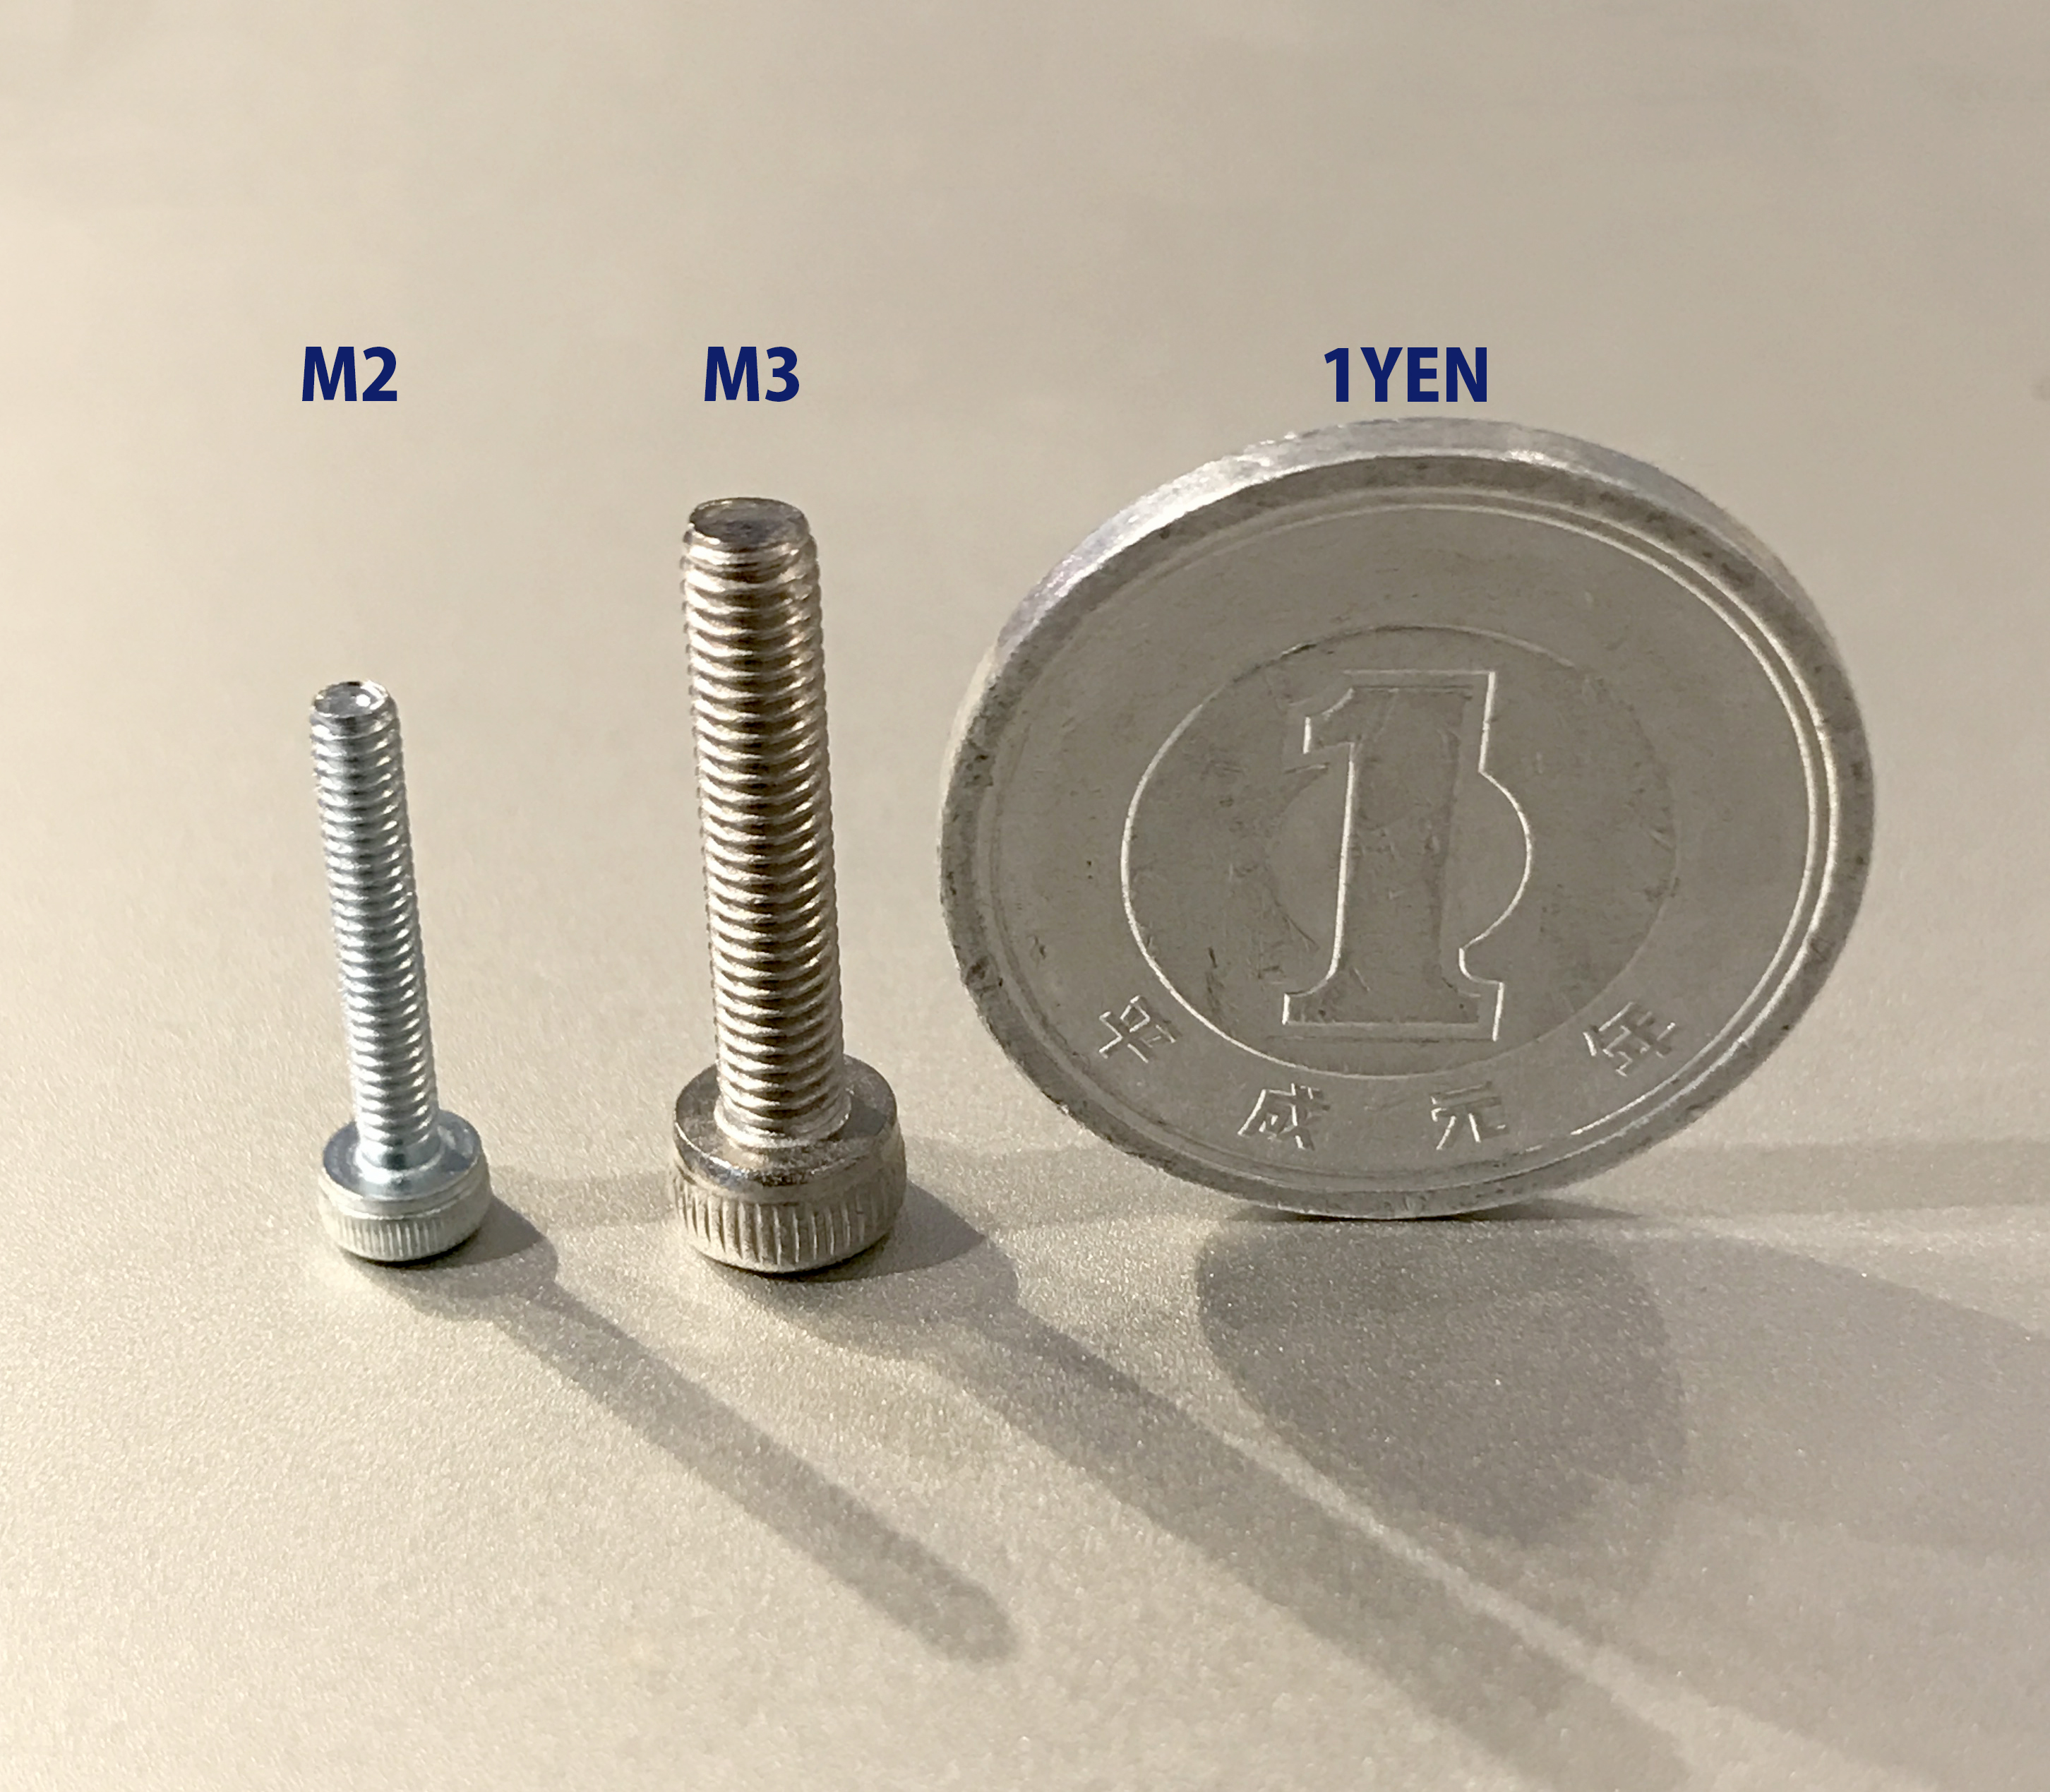 Lepton2でM3ボルトとM2ボルトを造形してみたら・・・!